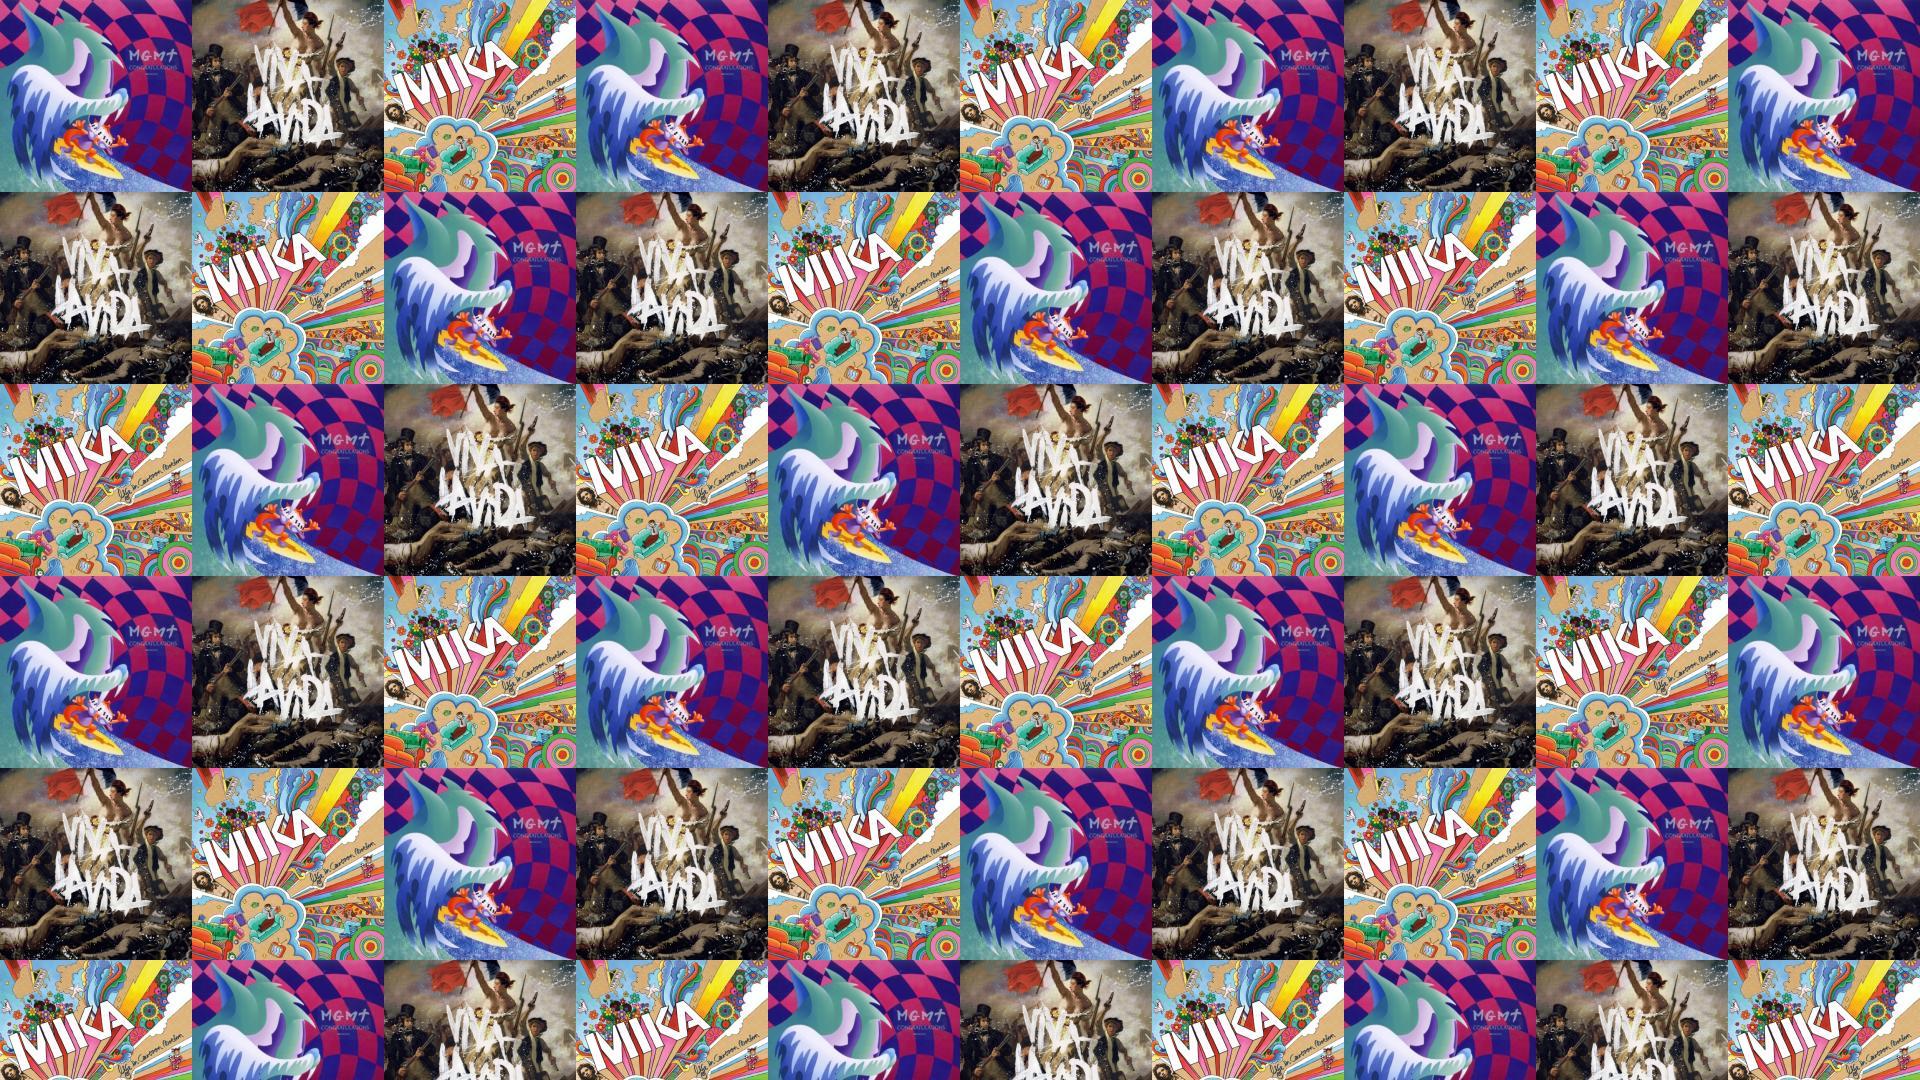 Mgmt Congratulations Coldplay Viva La Vida Mika Life Wallpaper